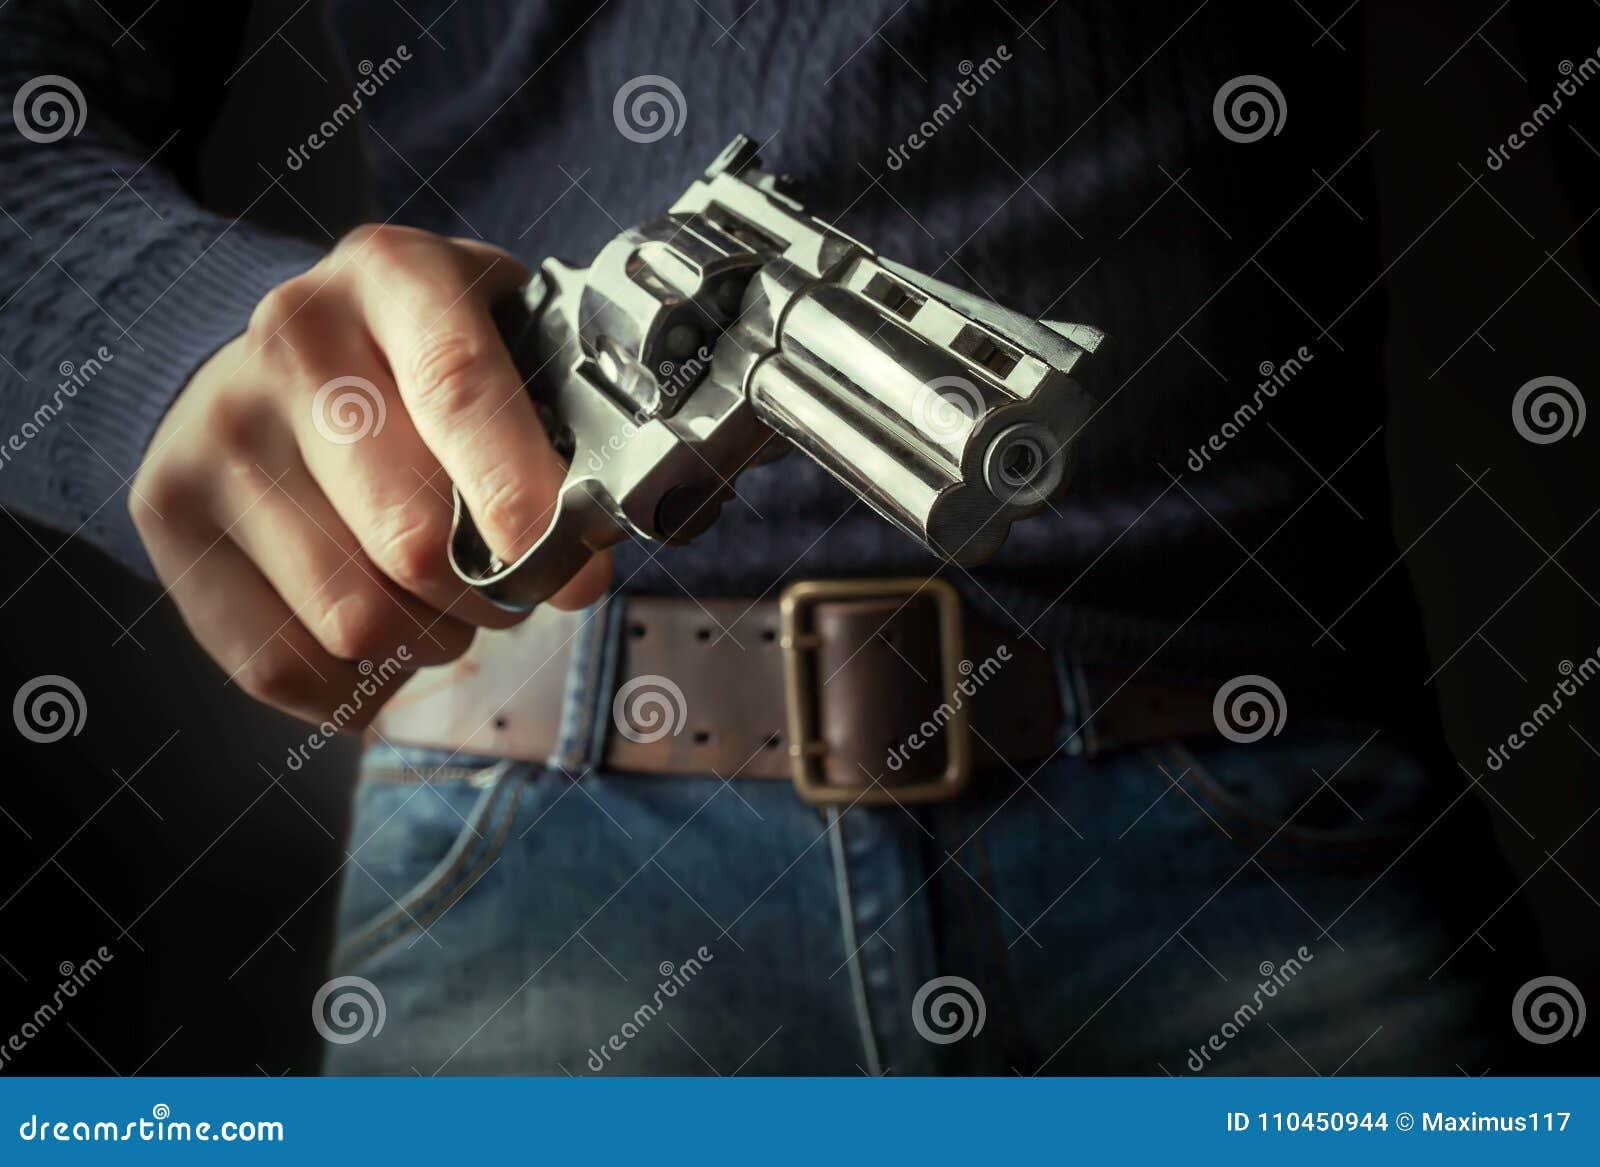 Vapnet i händer